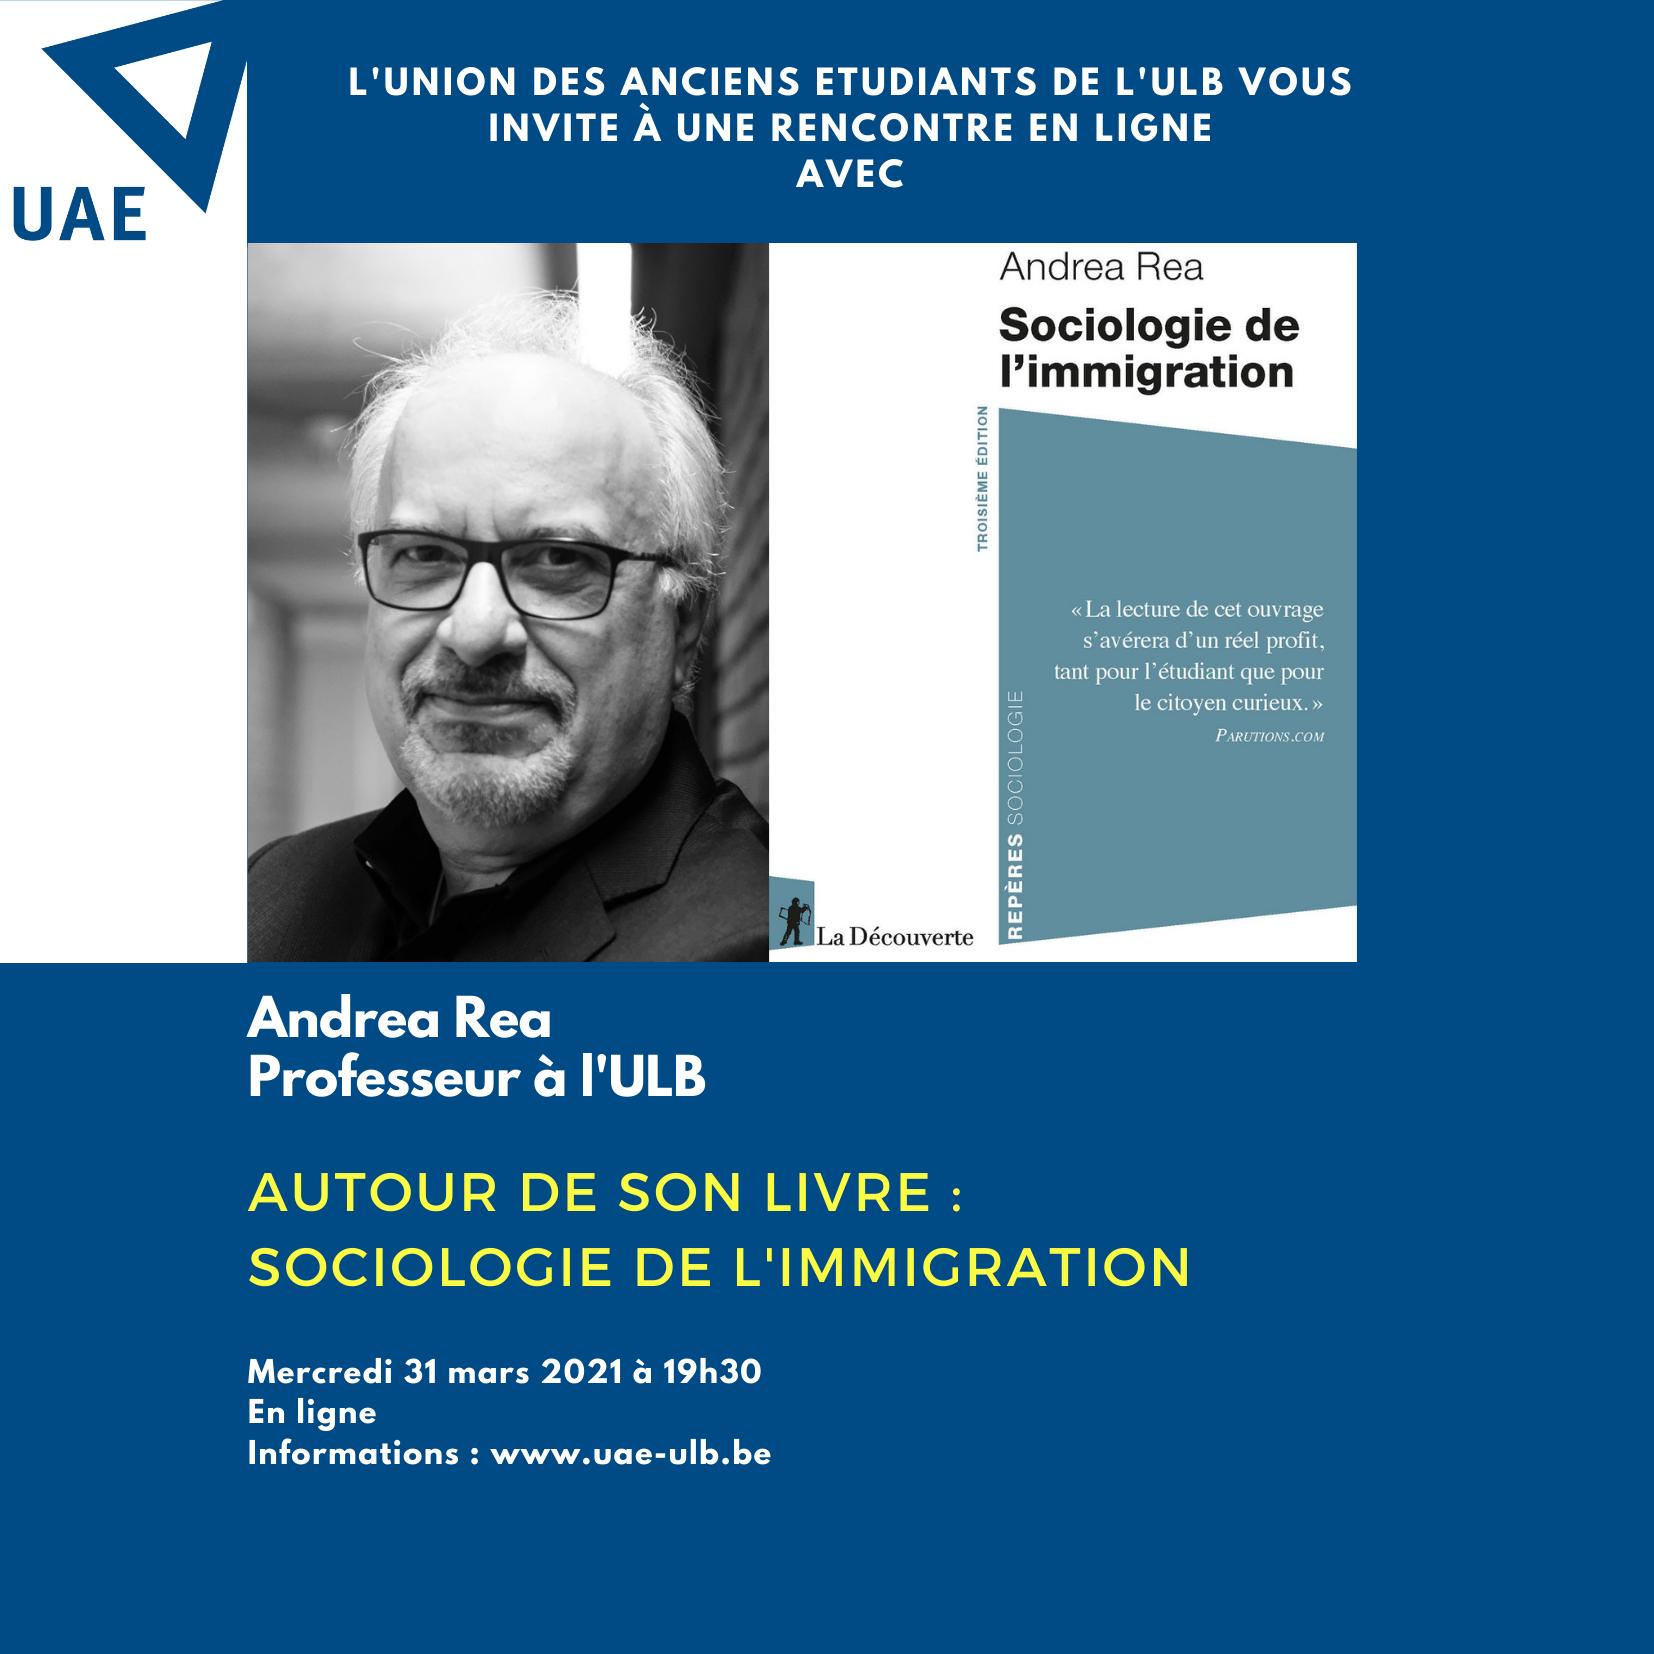 """Rencontre en ligne avec Andrea Rea : """"Sociologie de l'immigration""""."""